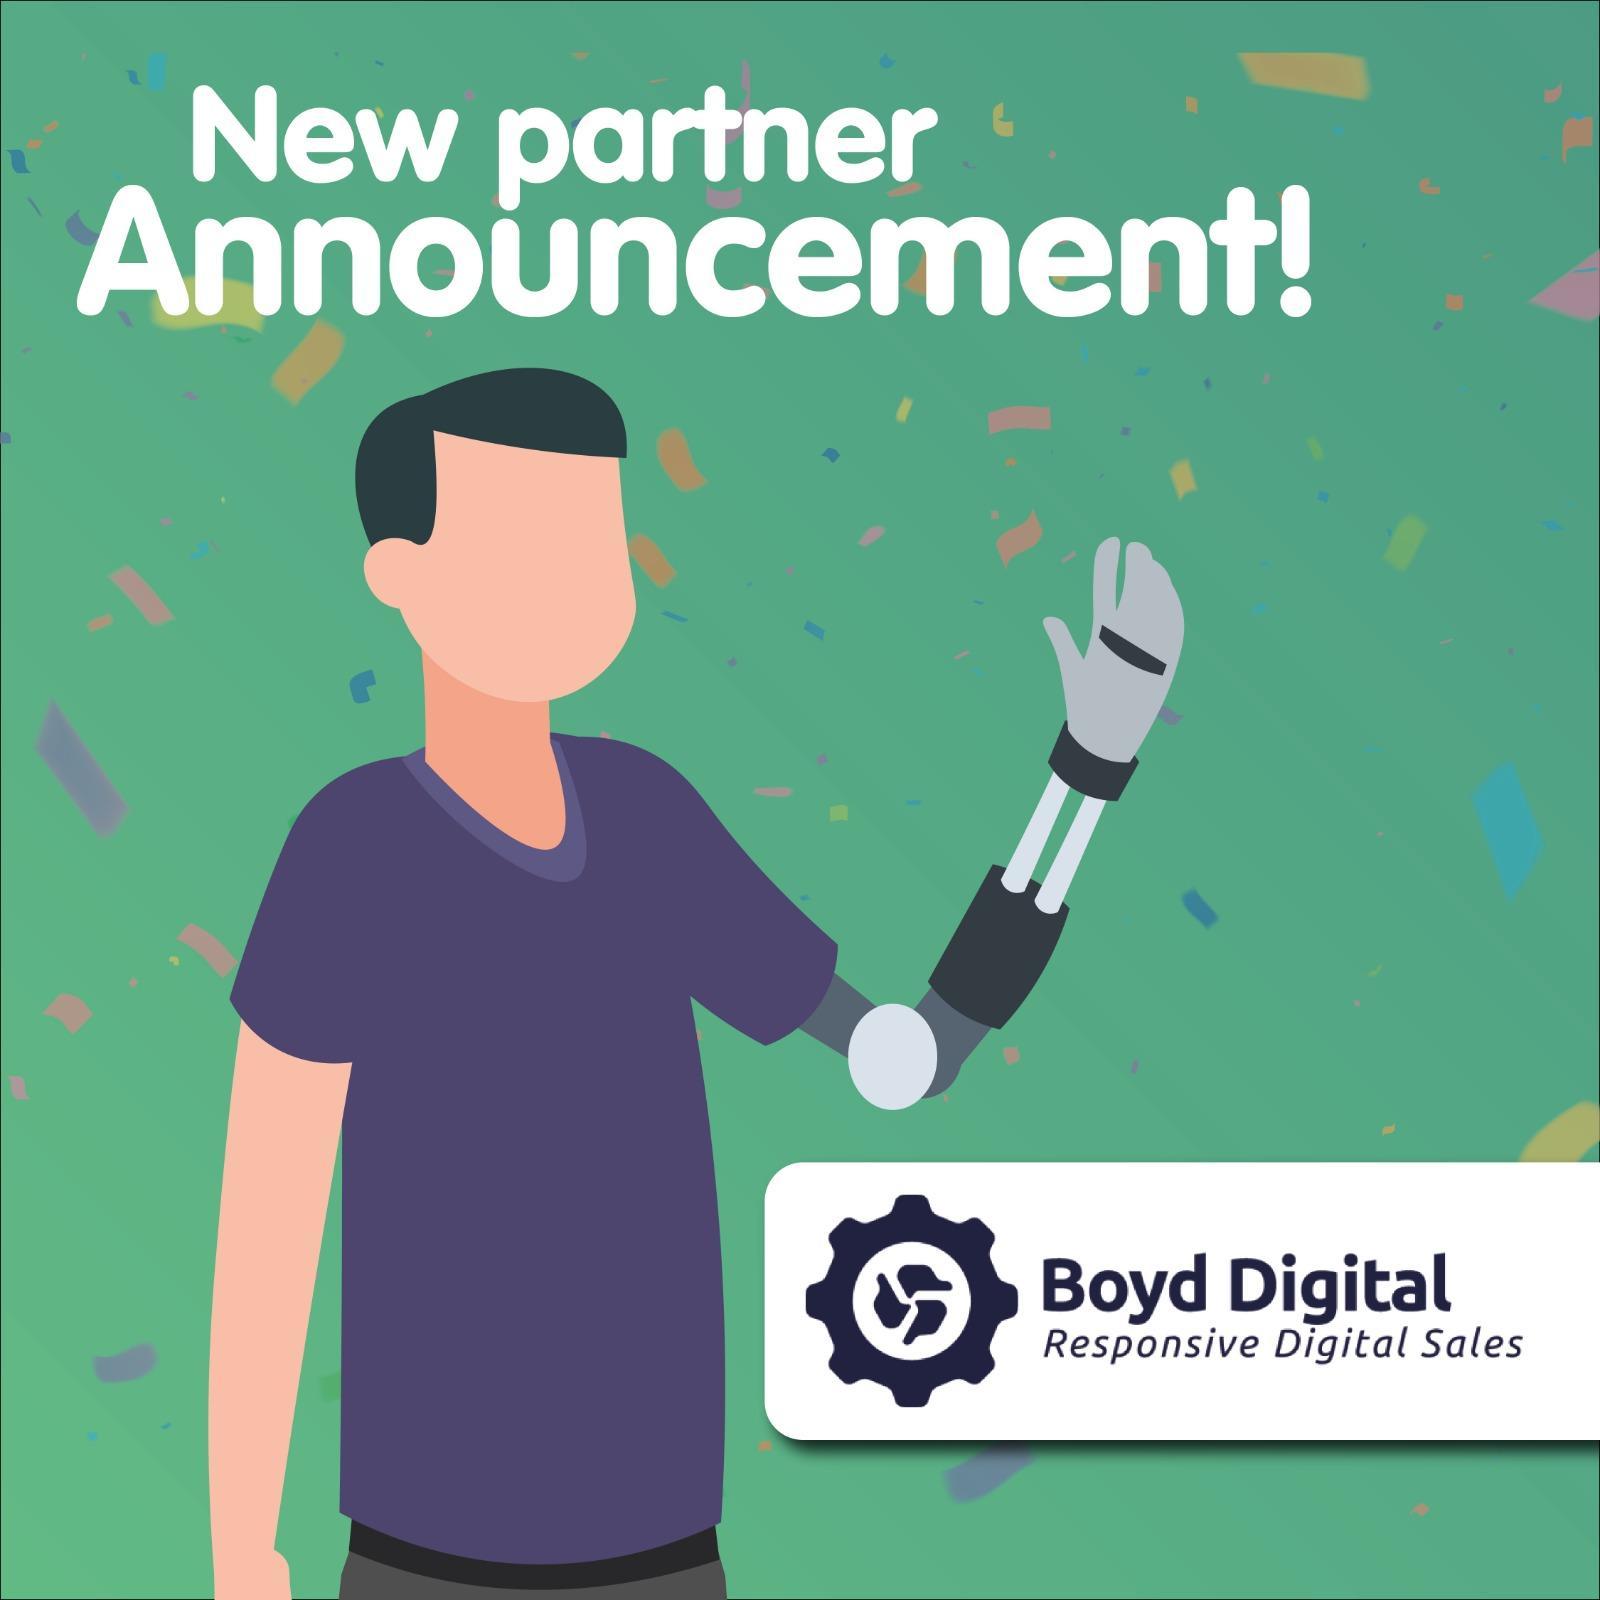 Boyd Digital Social image